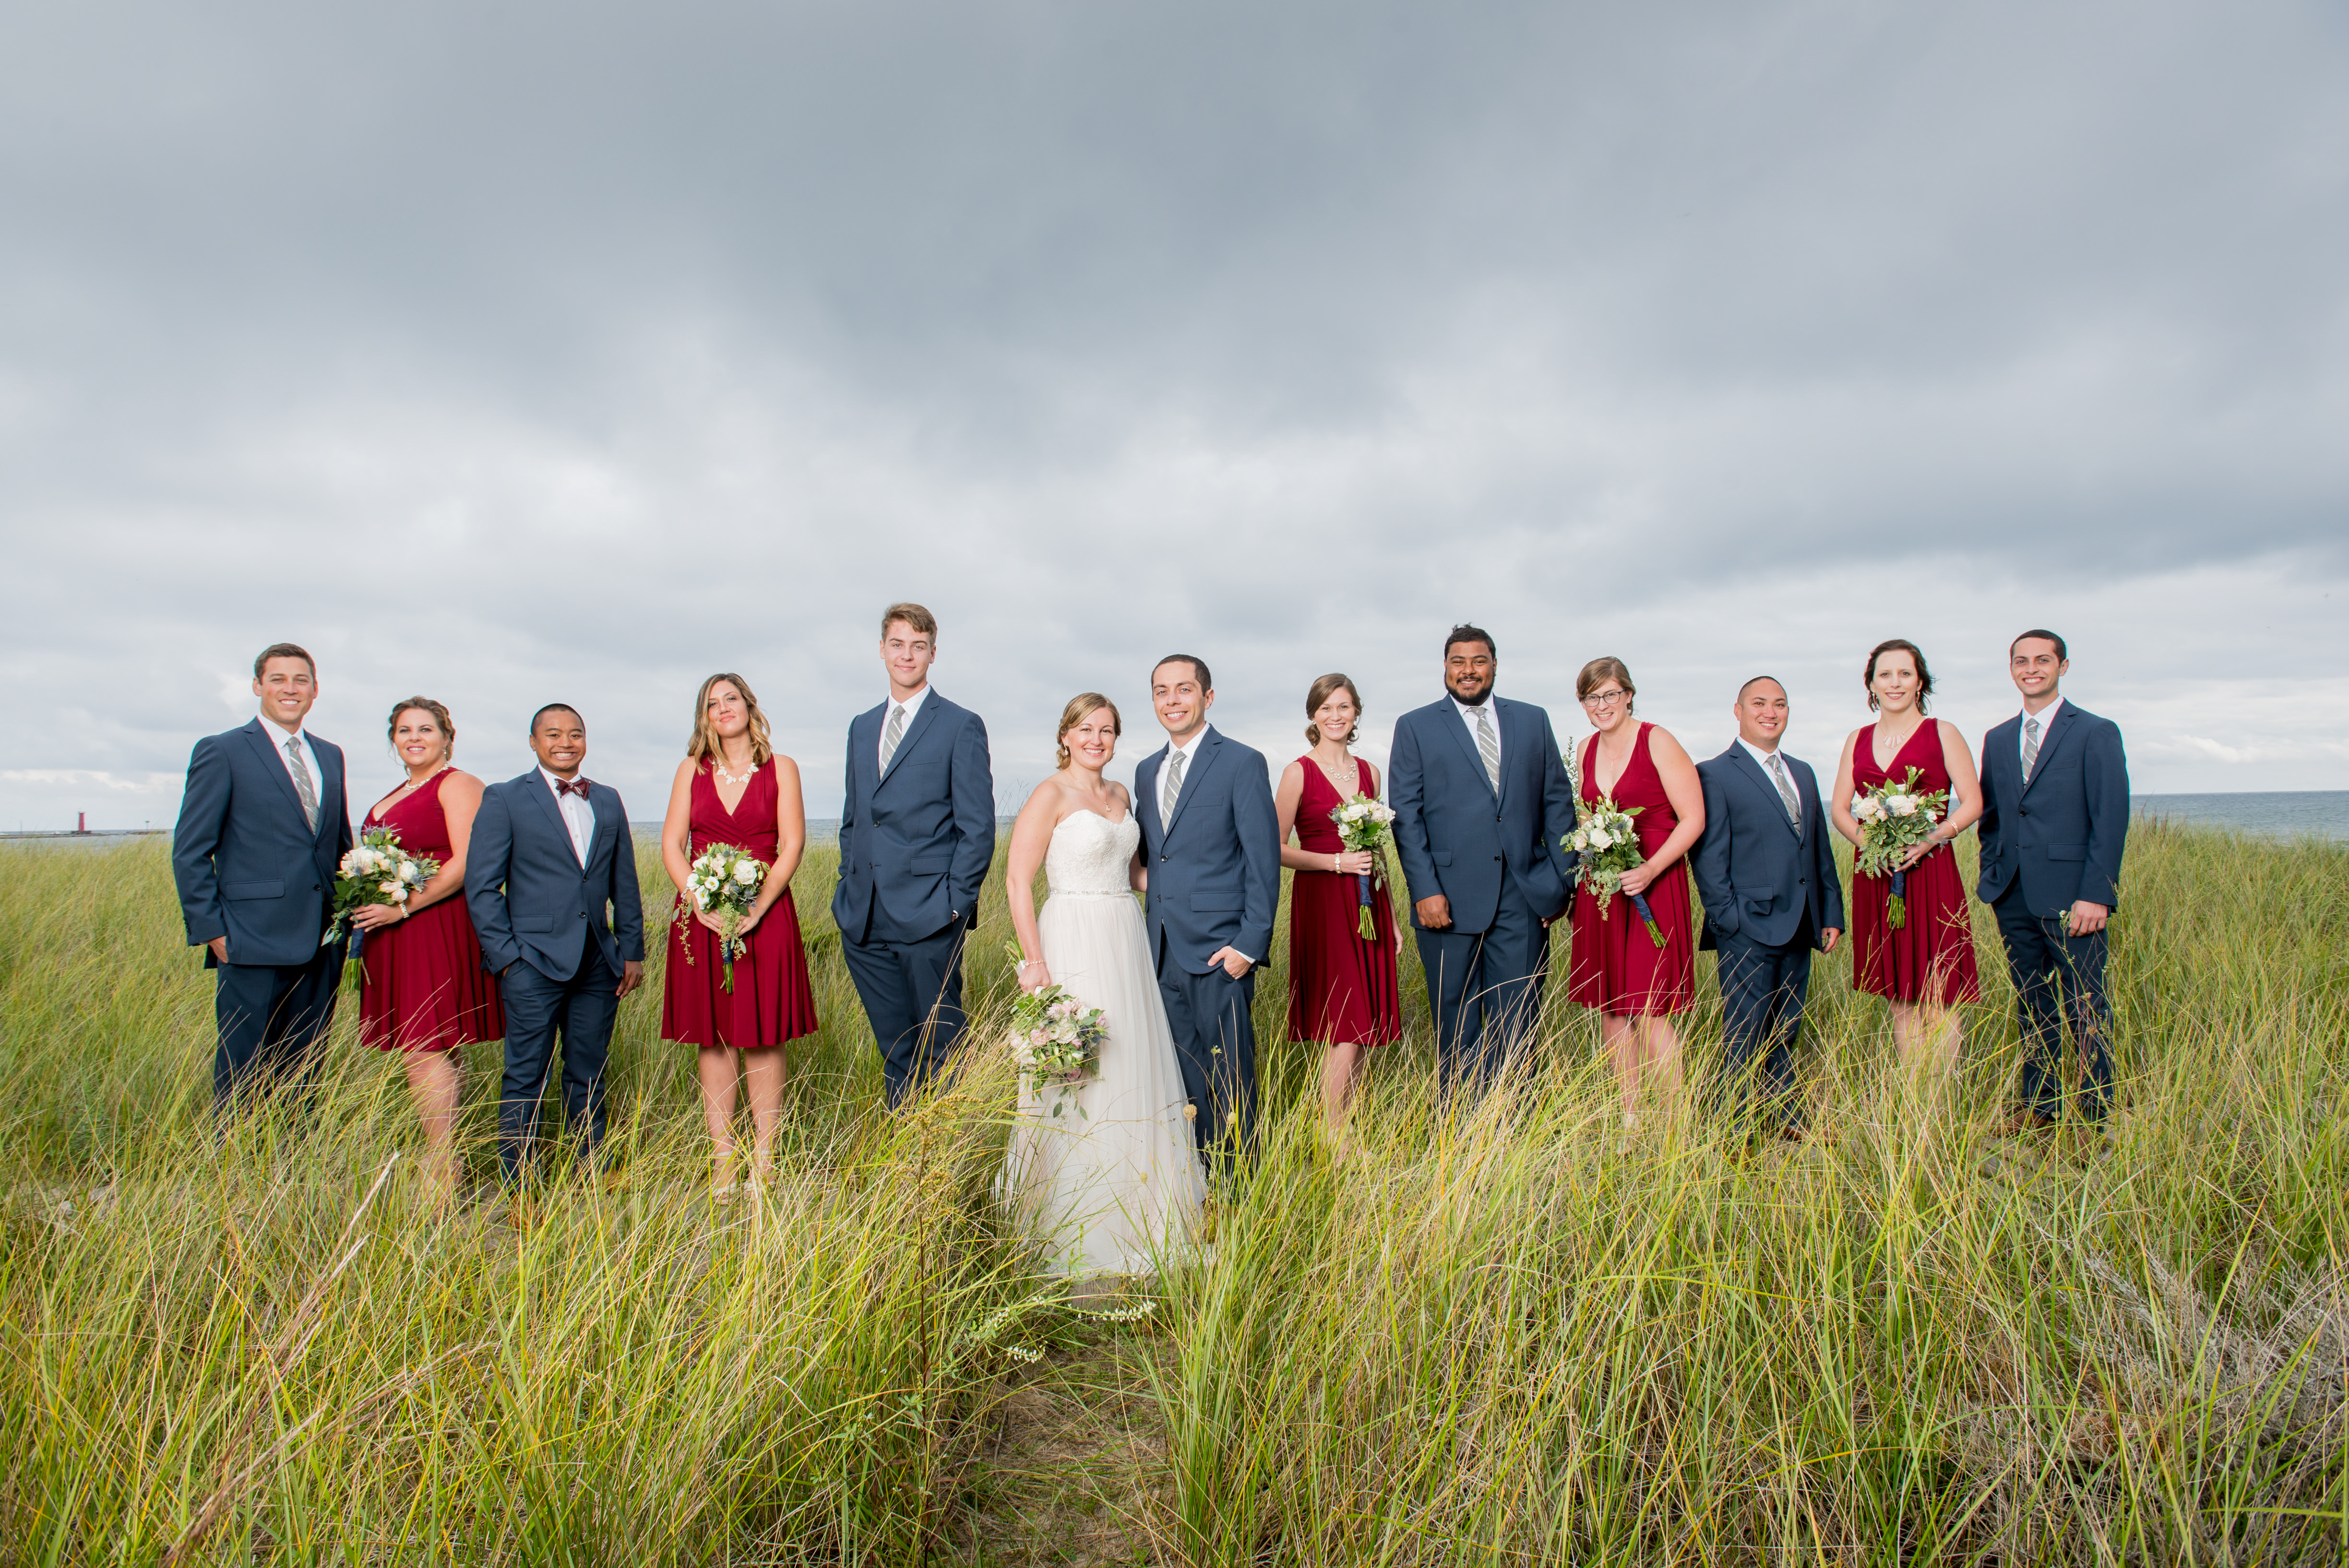 Milwaukee Wedding Photography-Jadon Good Photography_032